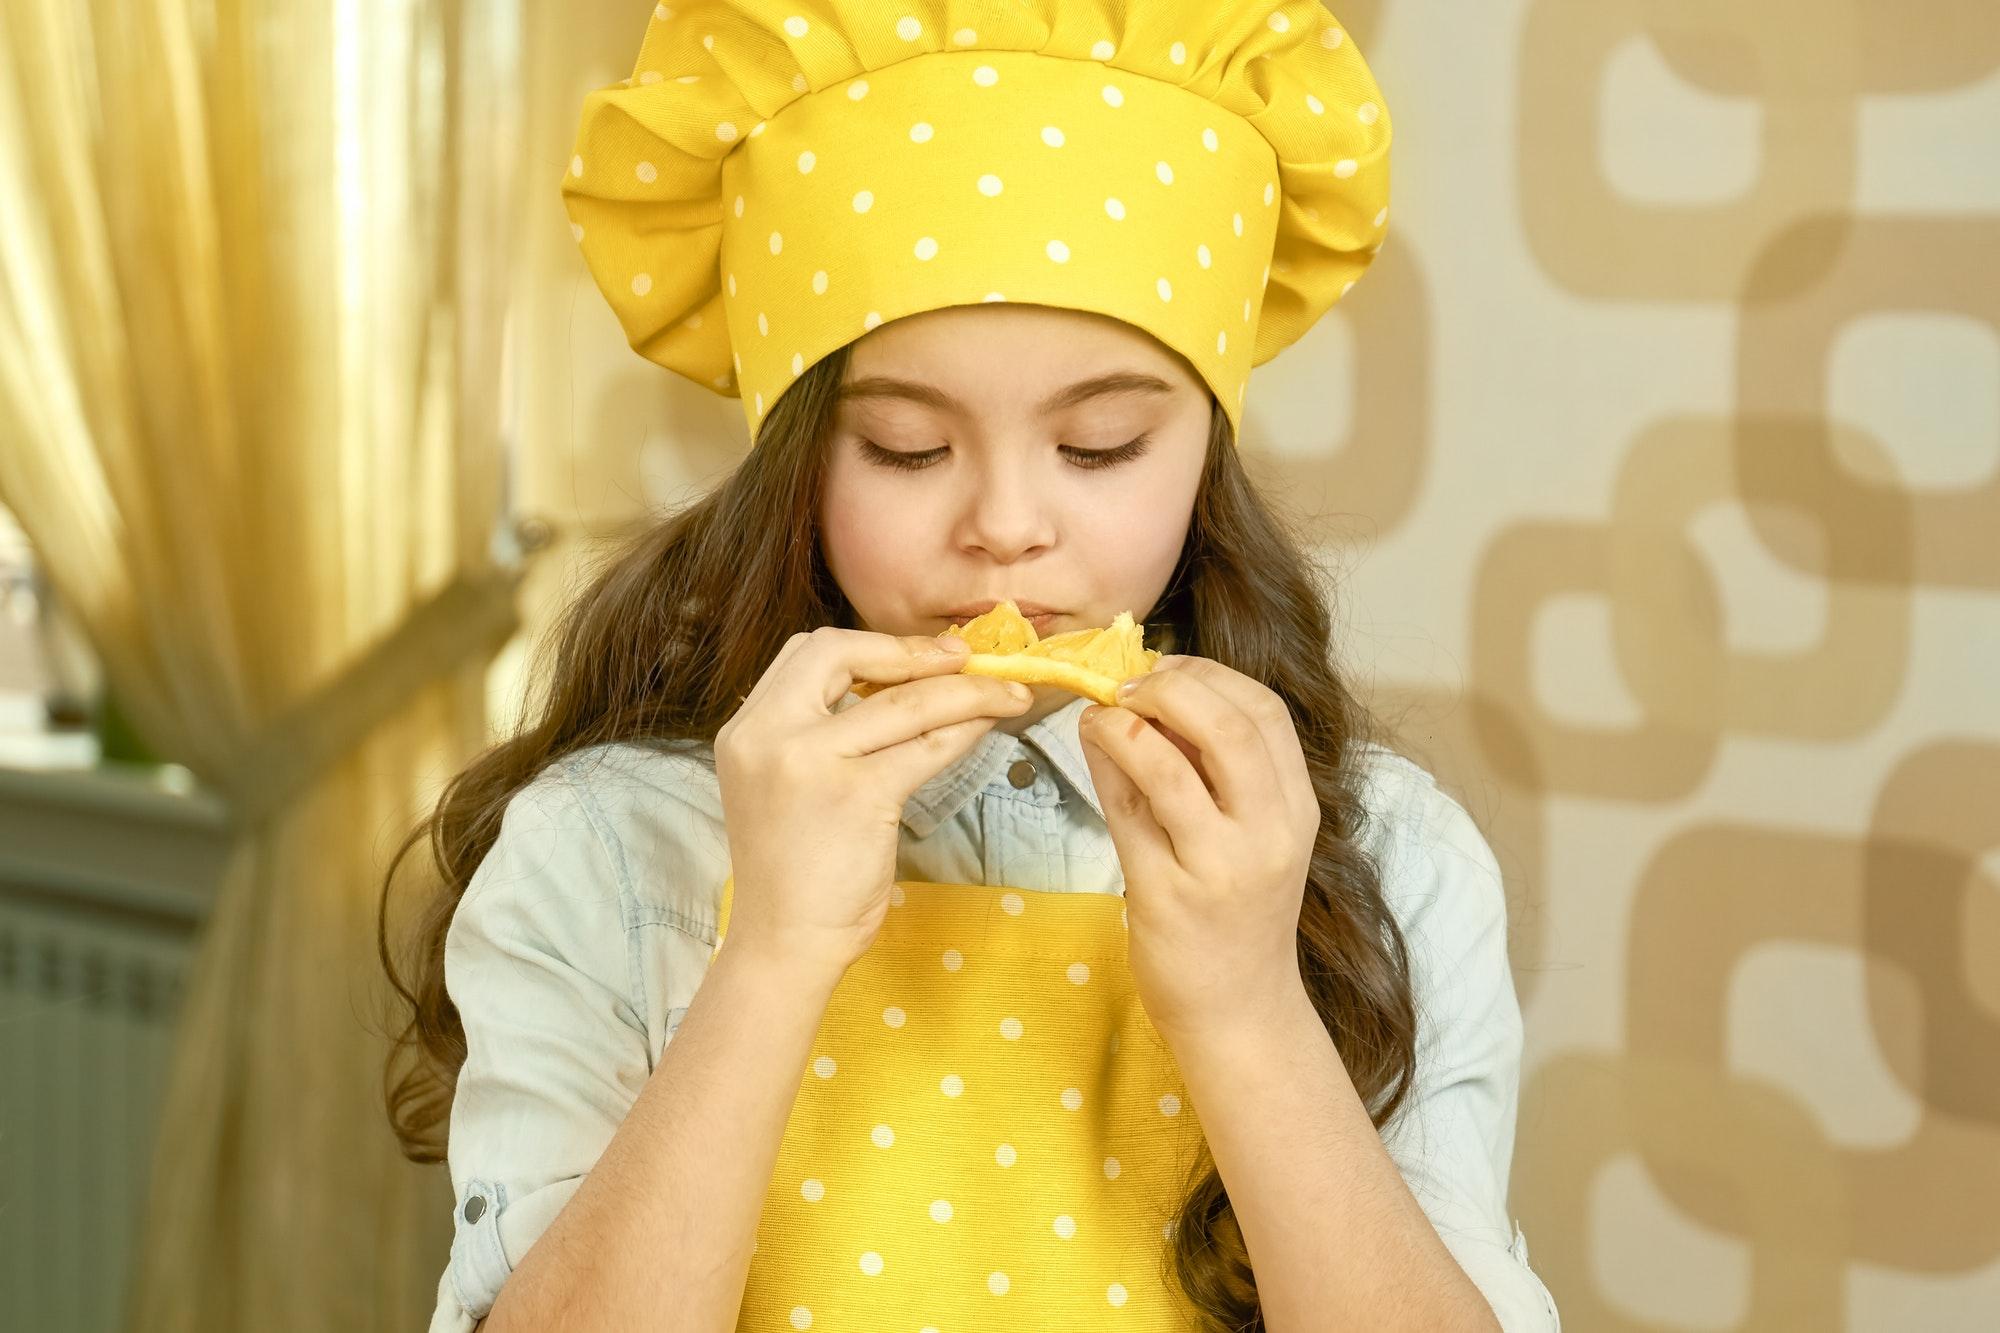 Child eating orange